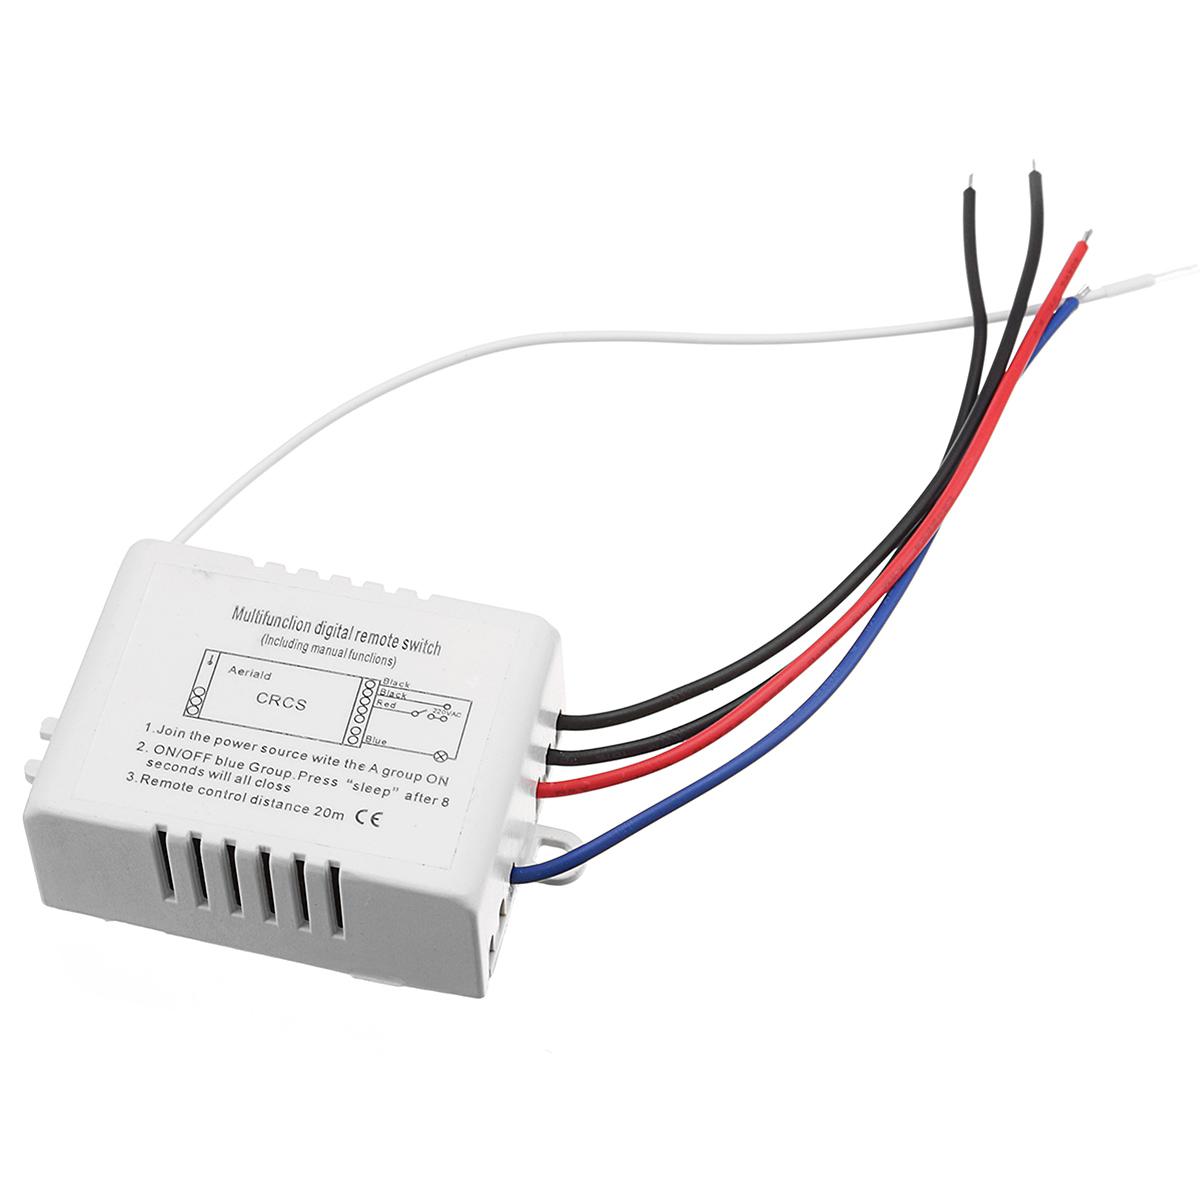 1 x One-Way Switch 1 x Remote control